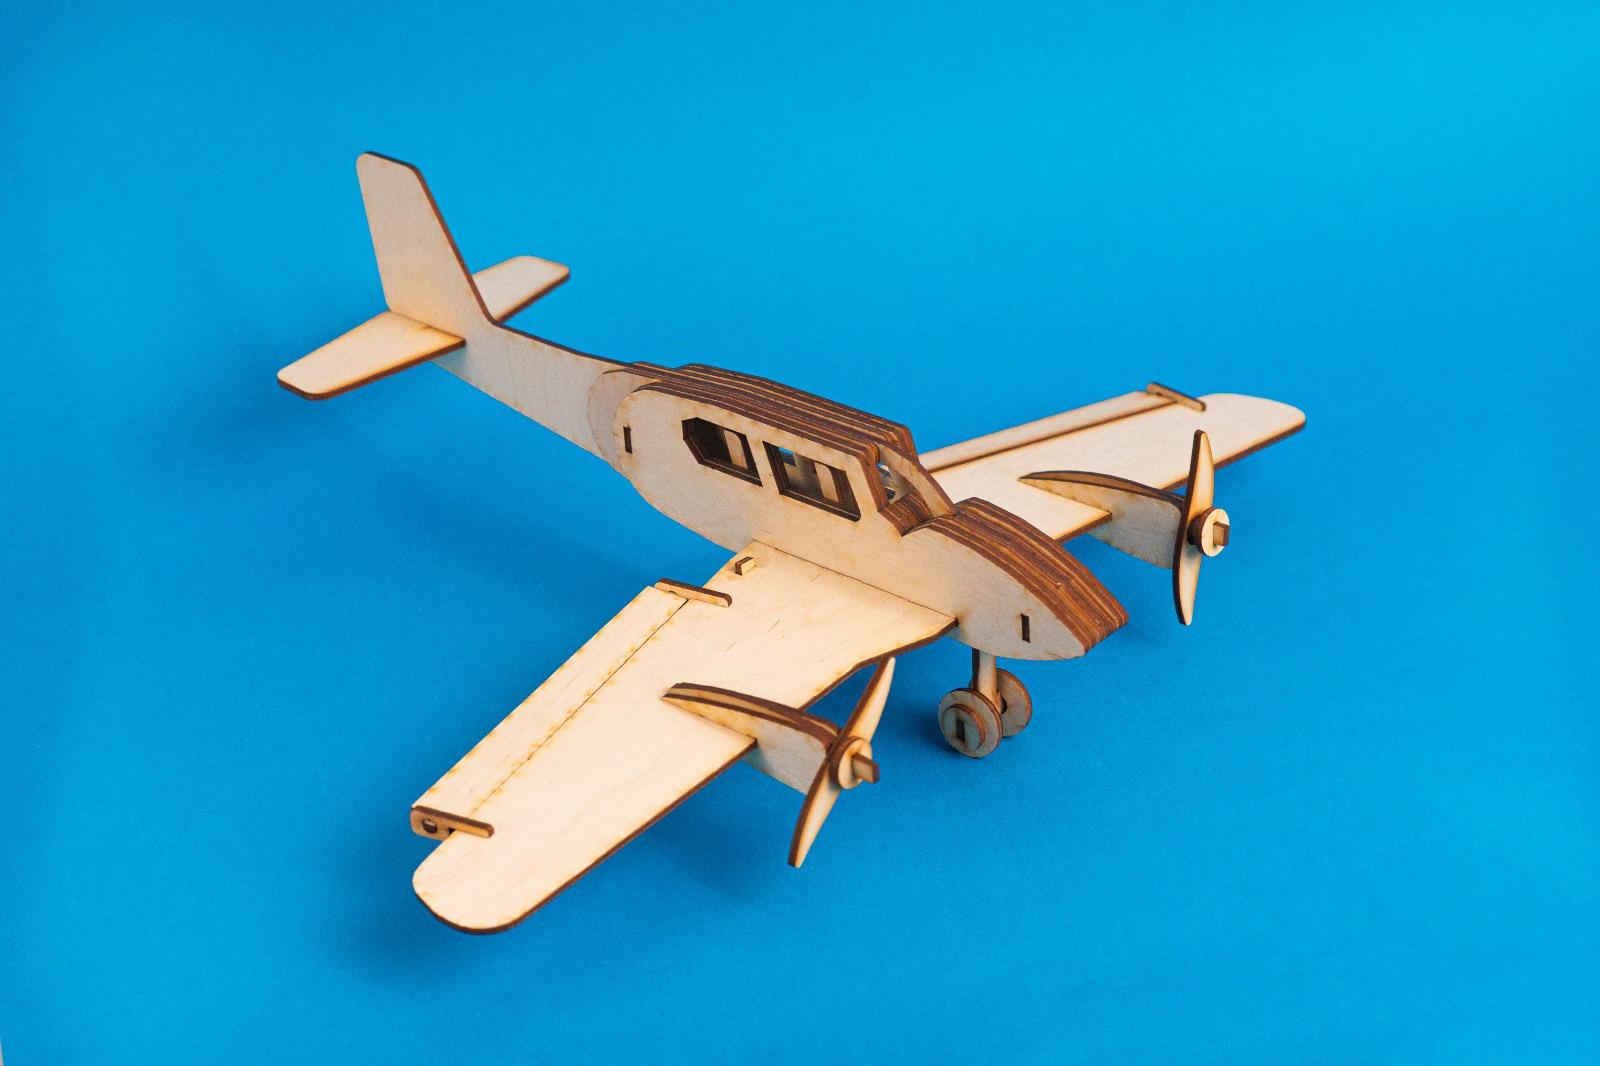 avion de lemn doti jucarii educative